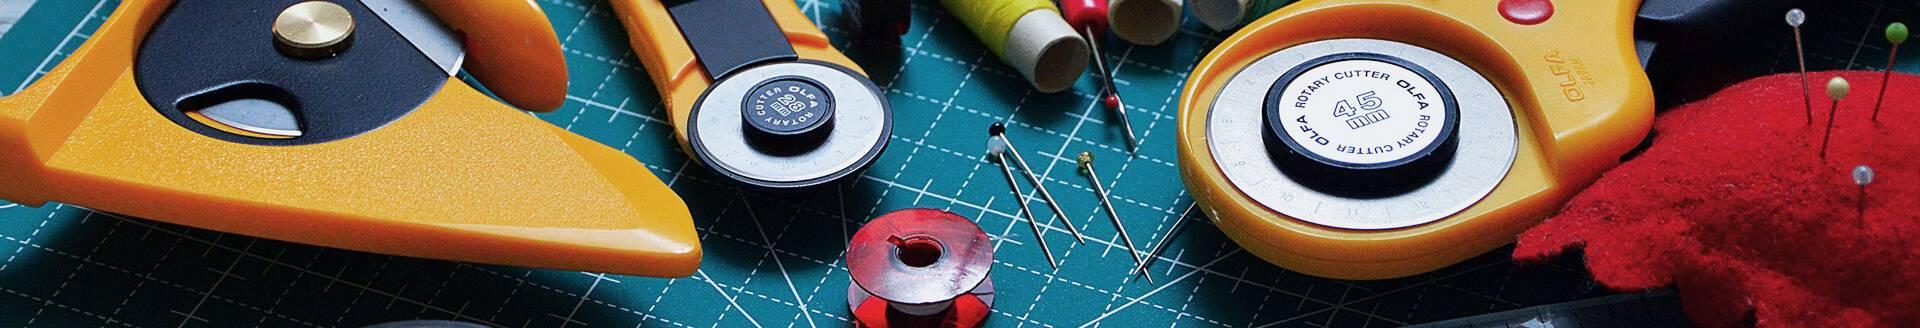 Venta online herramientas de corte para costura, bordado y patchwork